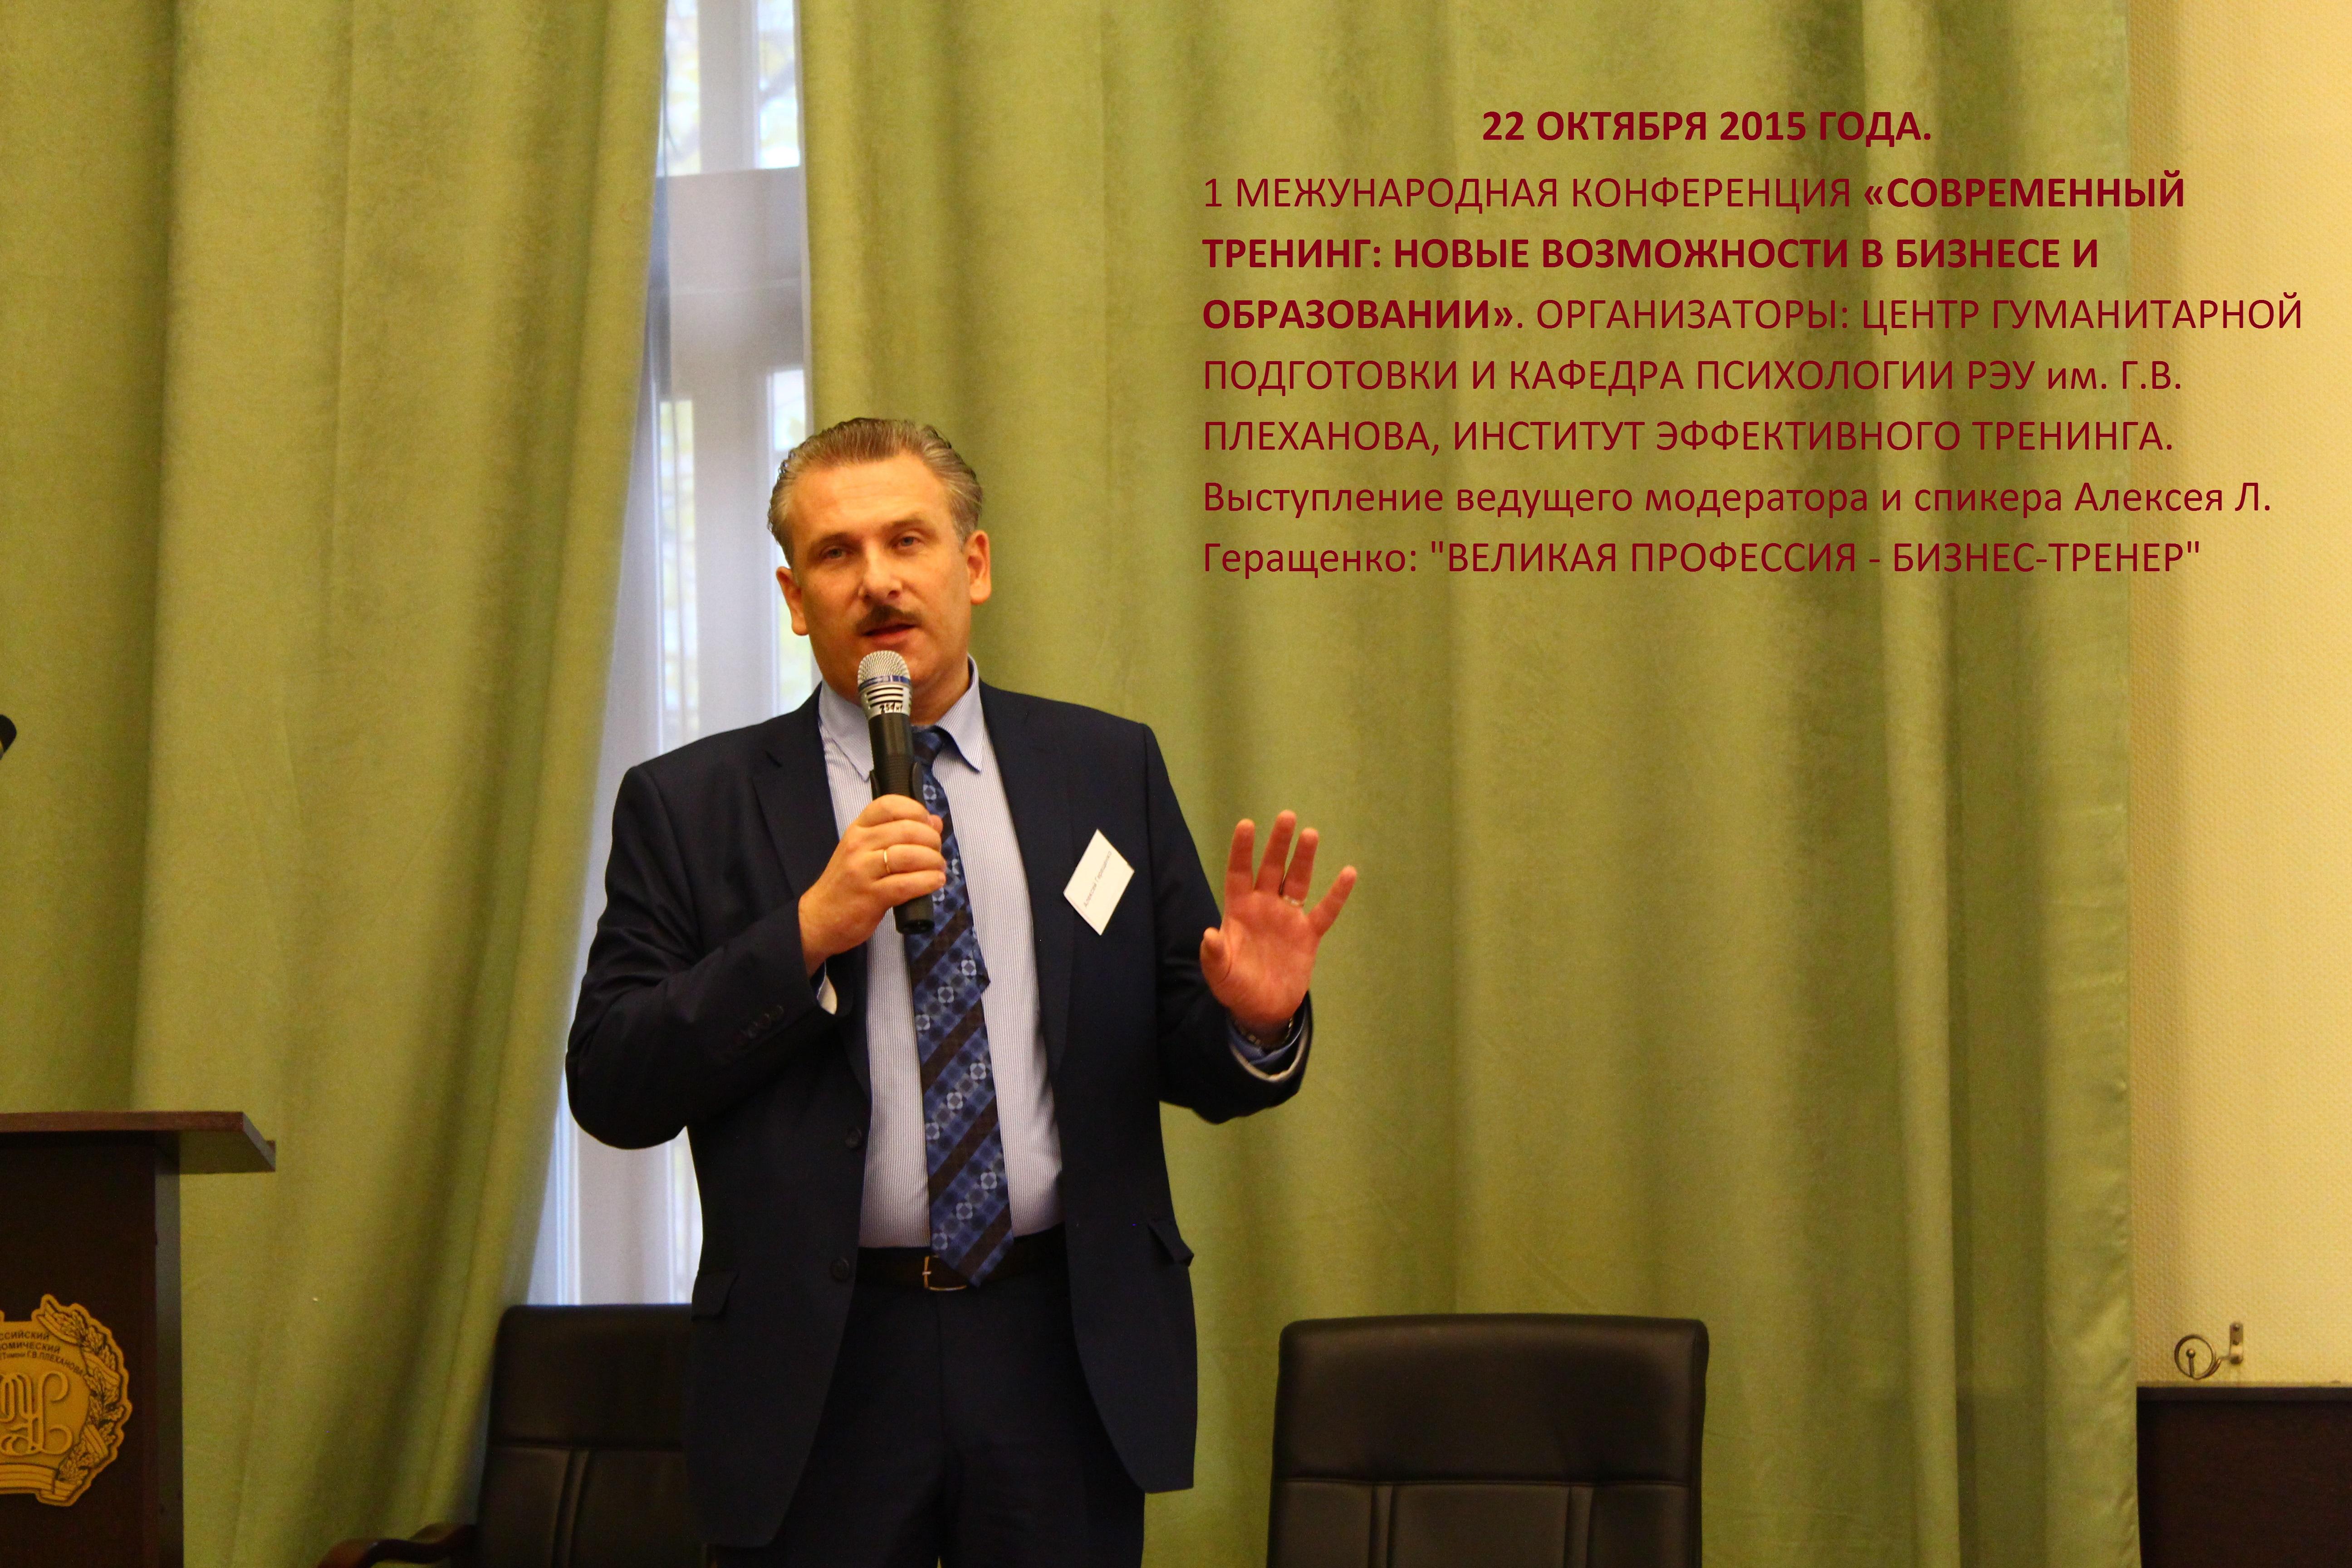 Приветственное слово А. Л. Геращенко